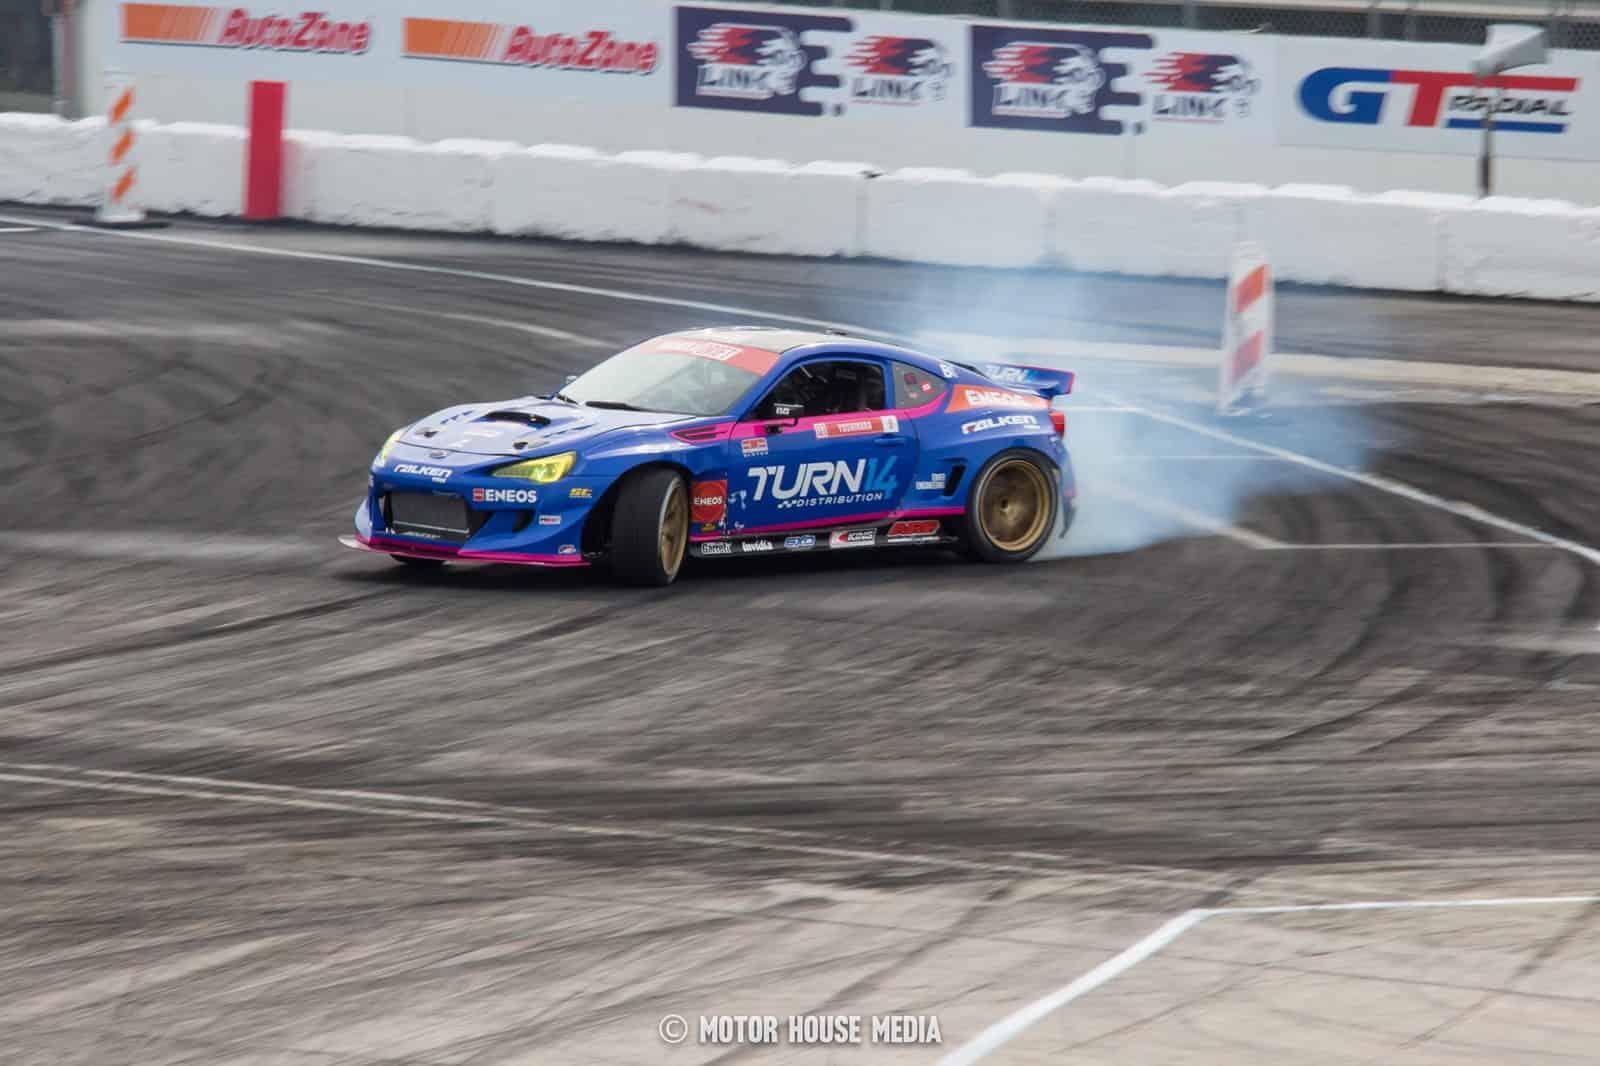 Diajiro Yoshihara shredding in his Turn 14 Formula Drift car